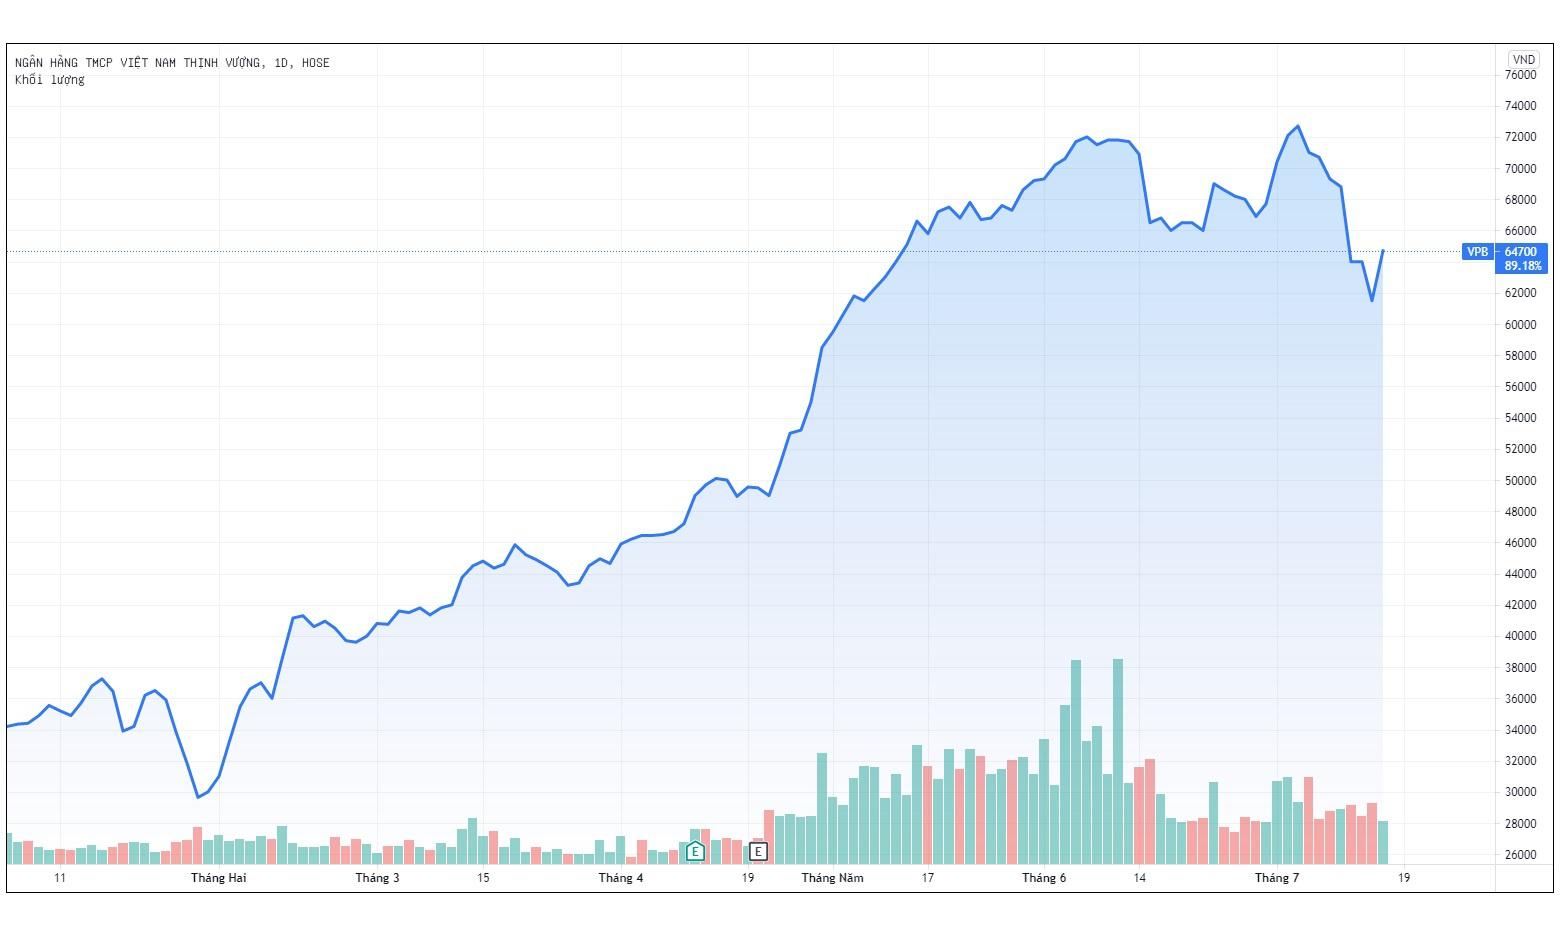 VPBank muốn tăng vốn lên hơn 45.000 tỷ đồng - ảnh 2